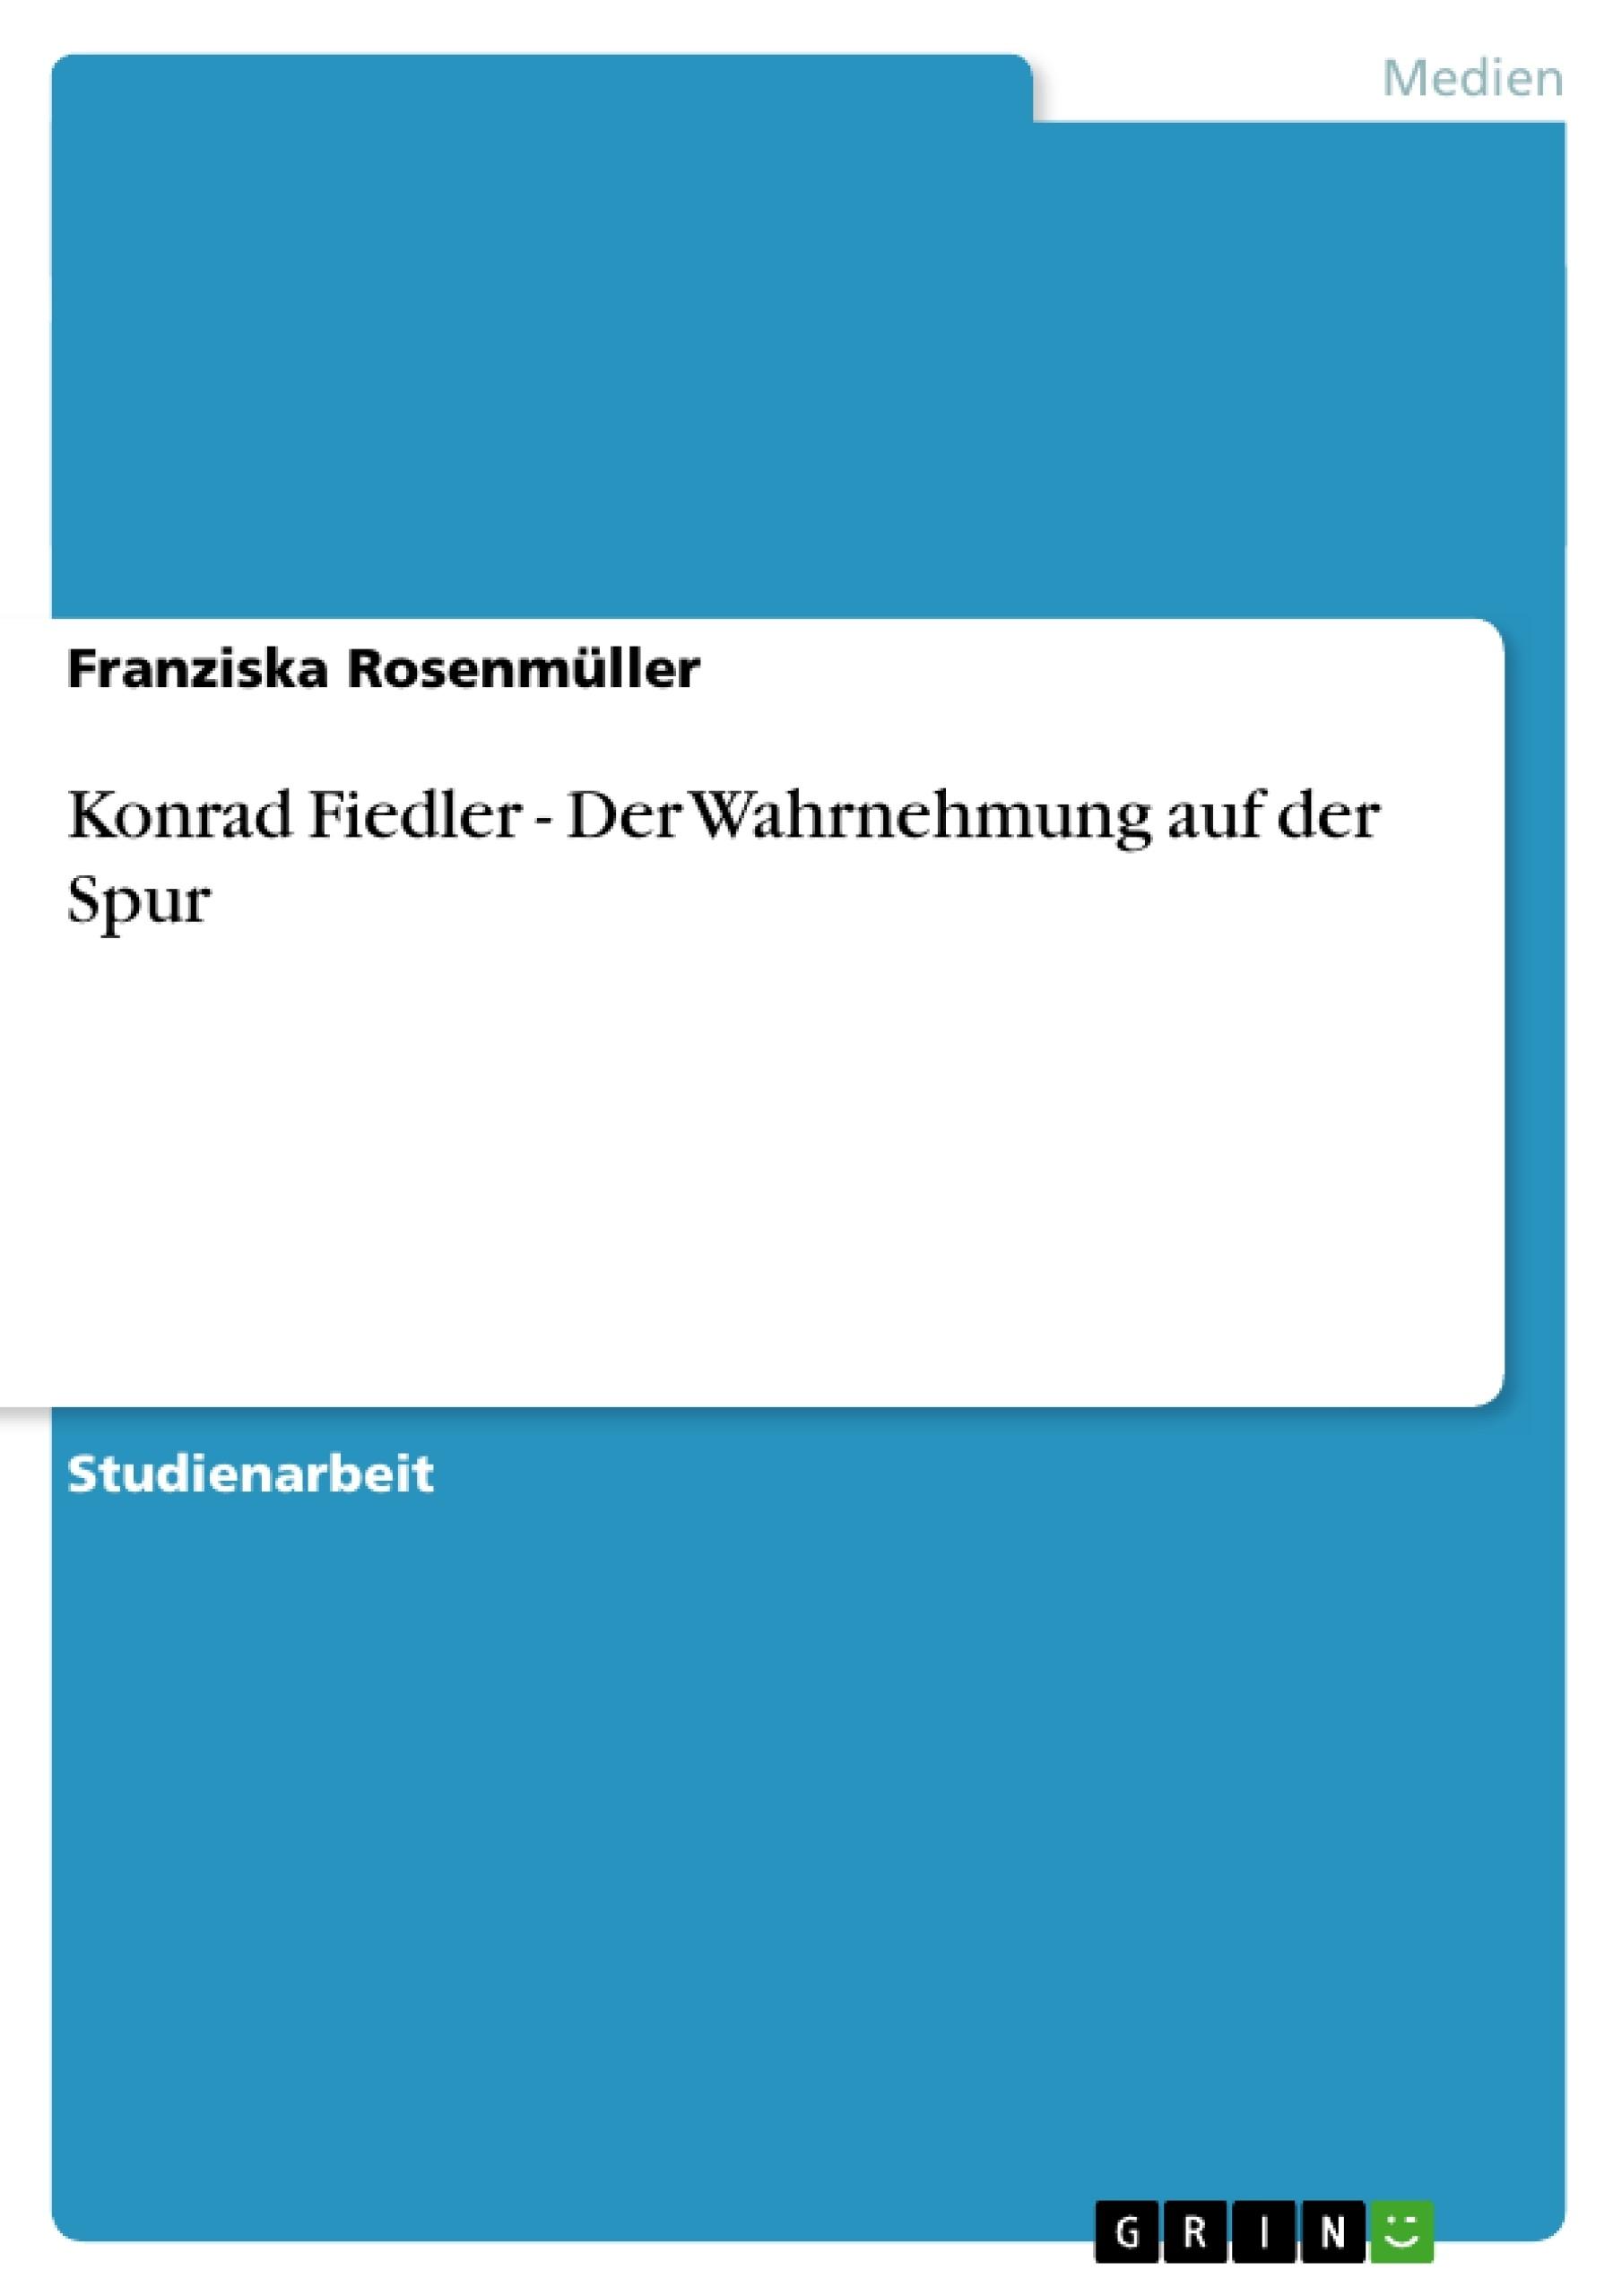 Titel: Konrad Fiedler - Der Wahrnehmung auf der Spur